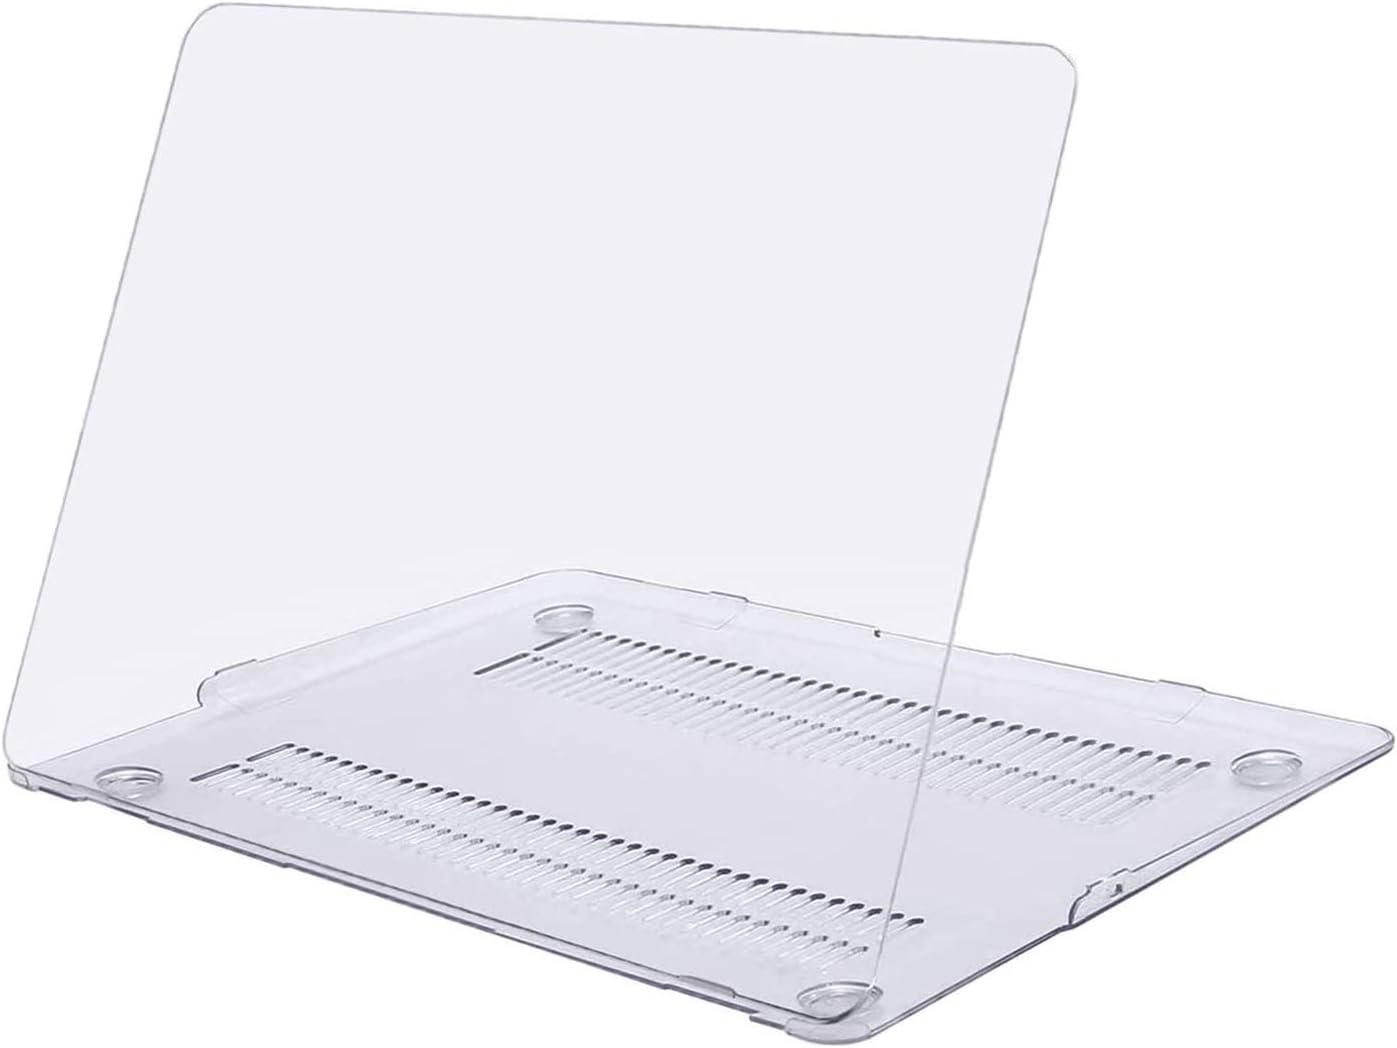 MOSISO Funda Dura Compatible con MacBook Air 13 Pulgadas (A1369 / A1466, Versión 2010-2017), Ultra Delgado Carcasa Rígida Protector de Plástico Cubierta, Cristal